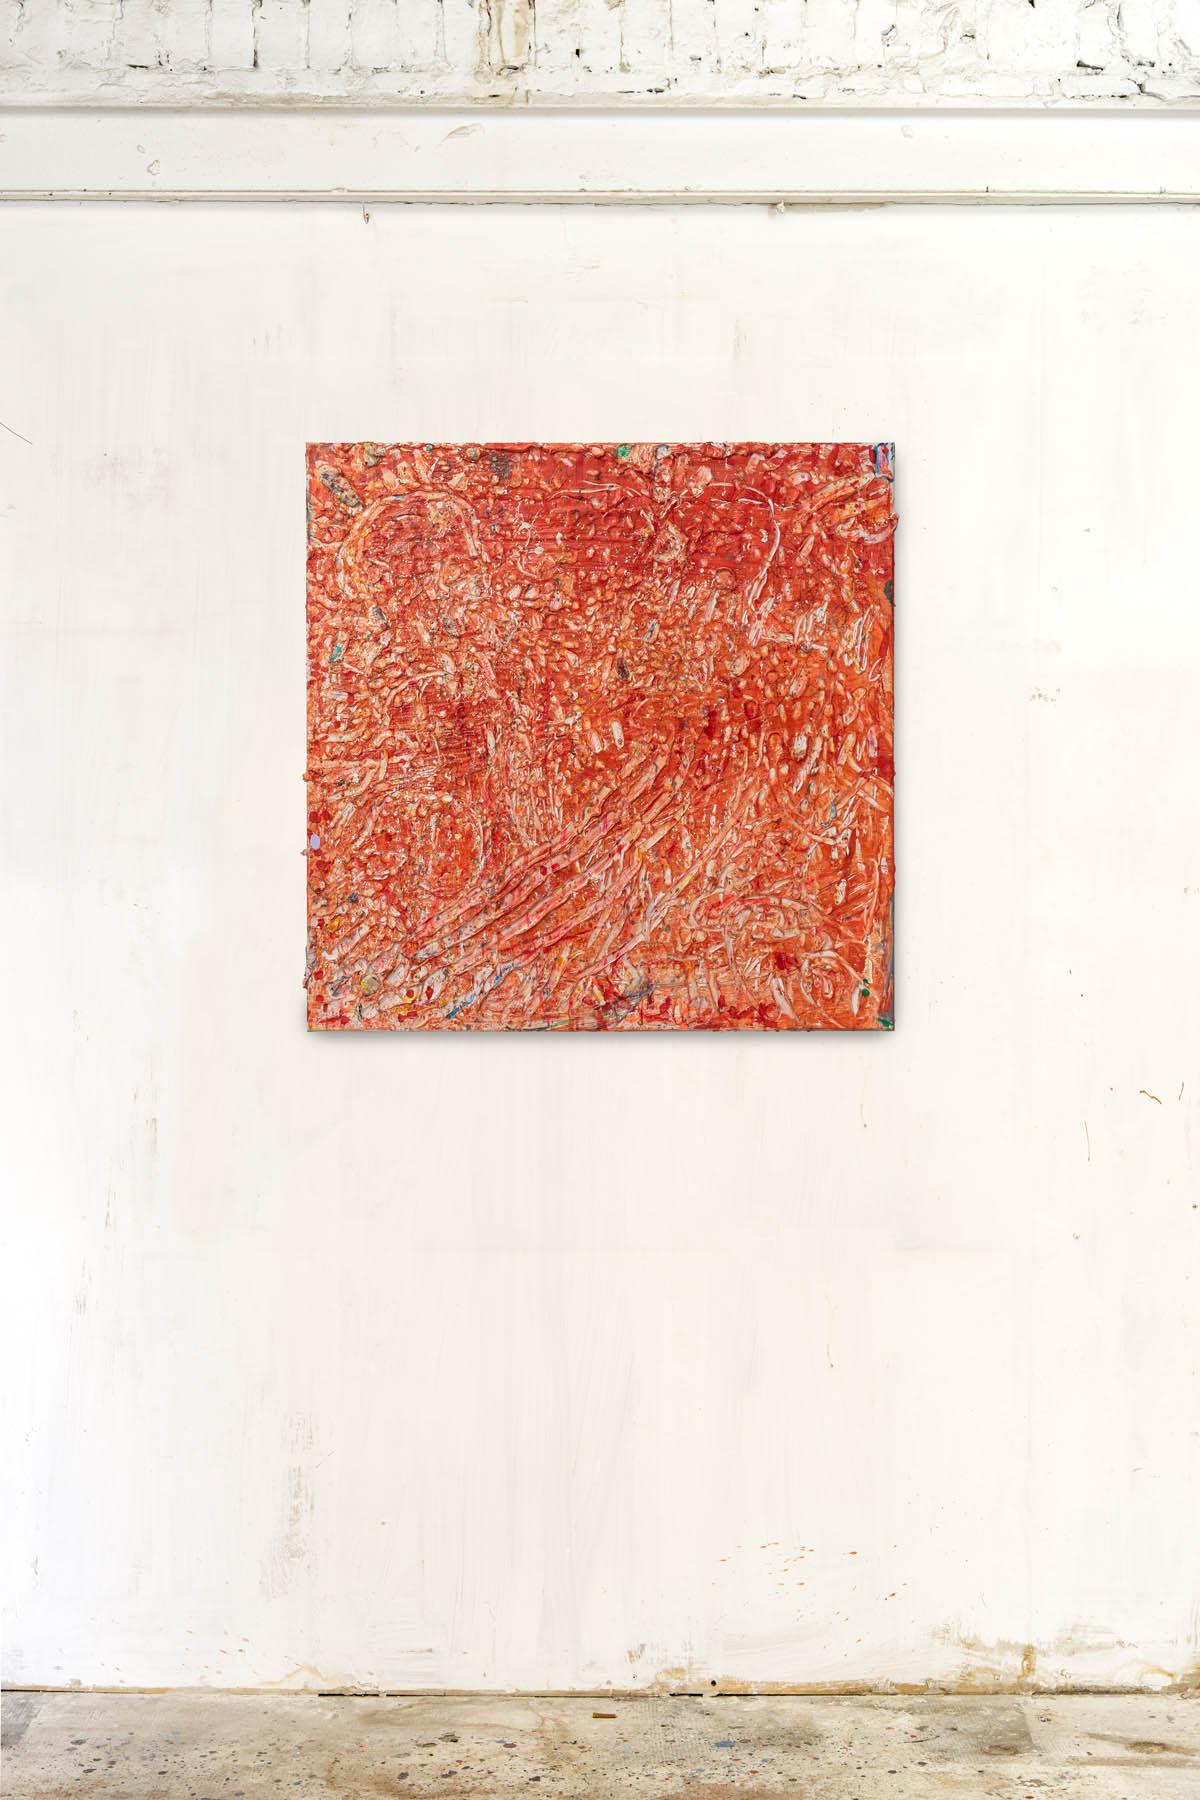 Acryl and spraypaint on canvas 100x100cm